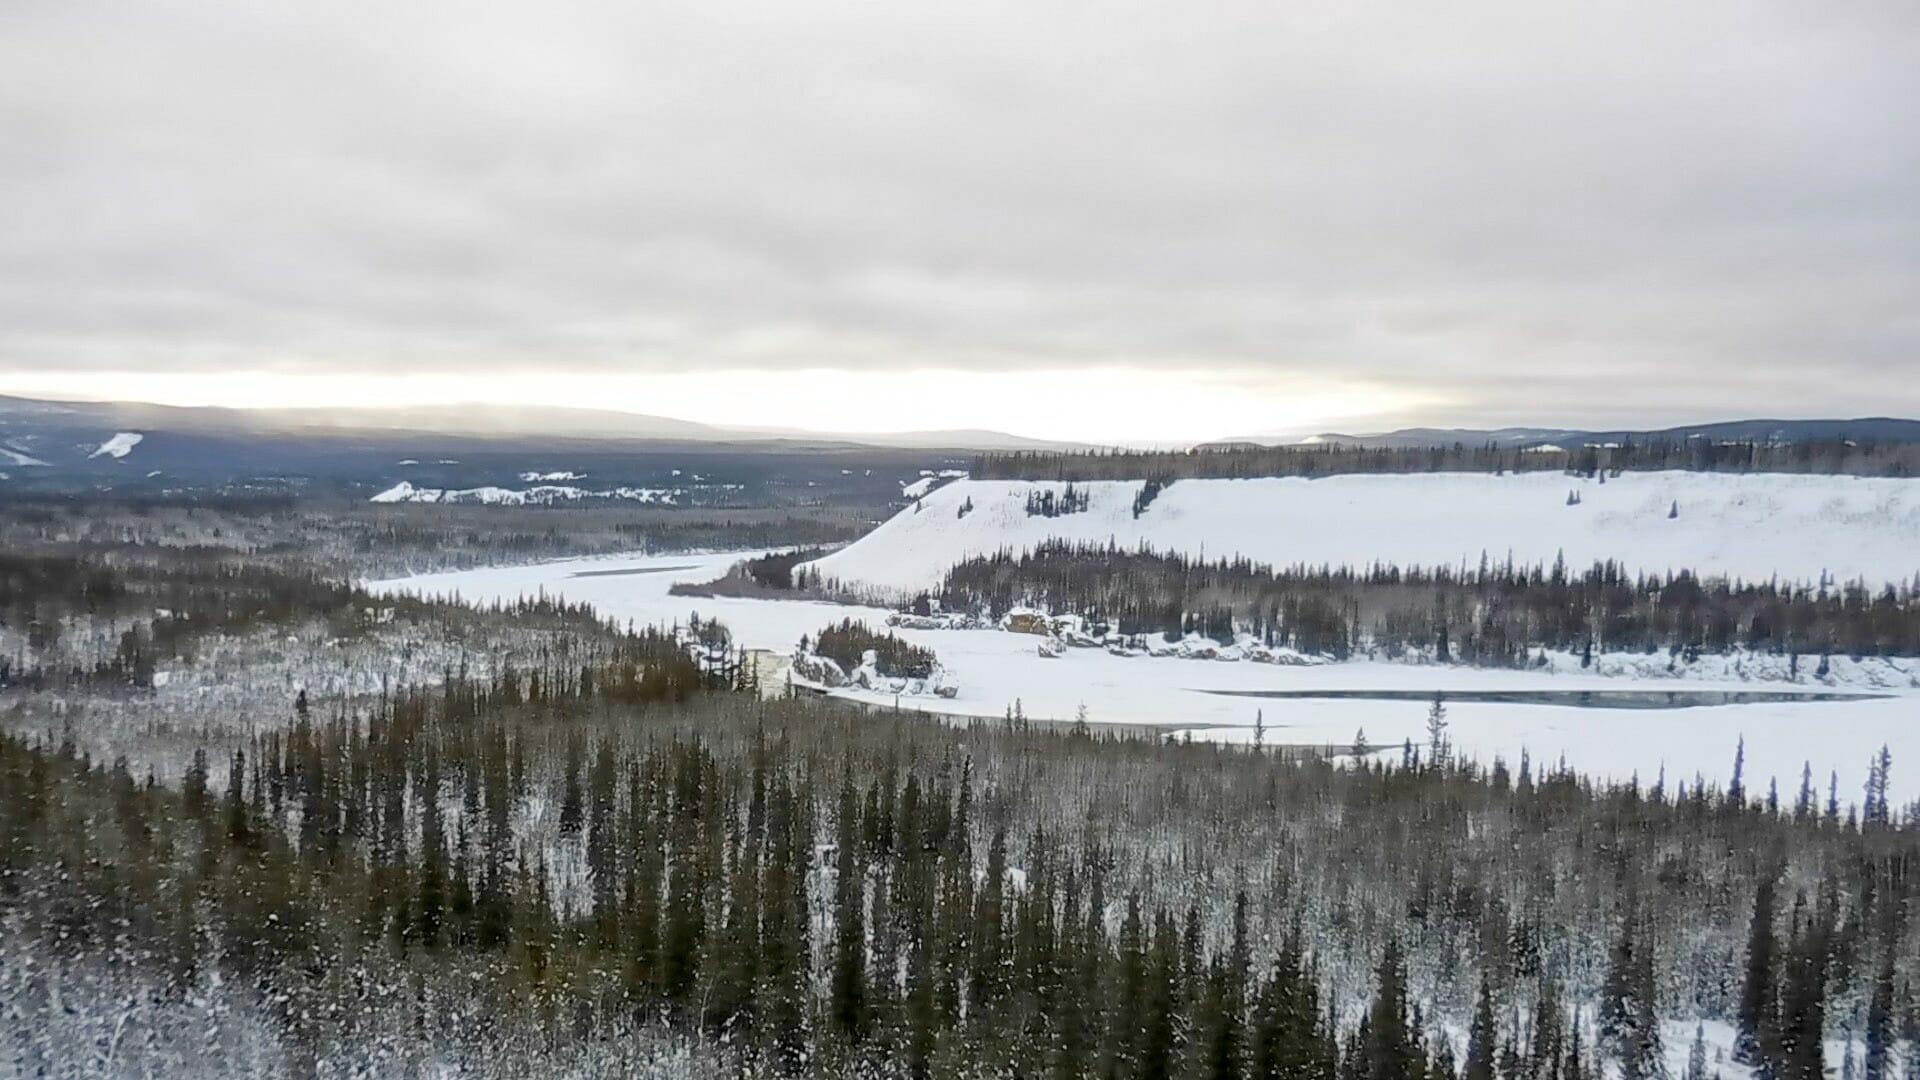 Die Five Finger Rapids, eine Felsformation am Yukon River zwischen Whitehorse und Dawson